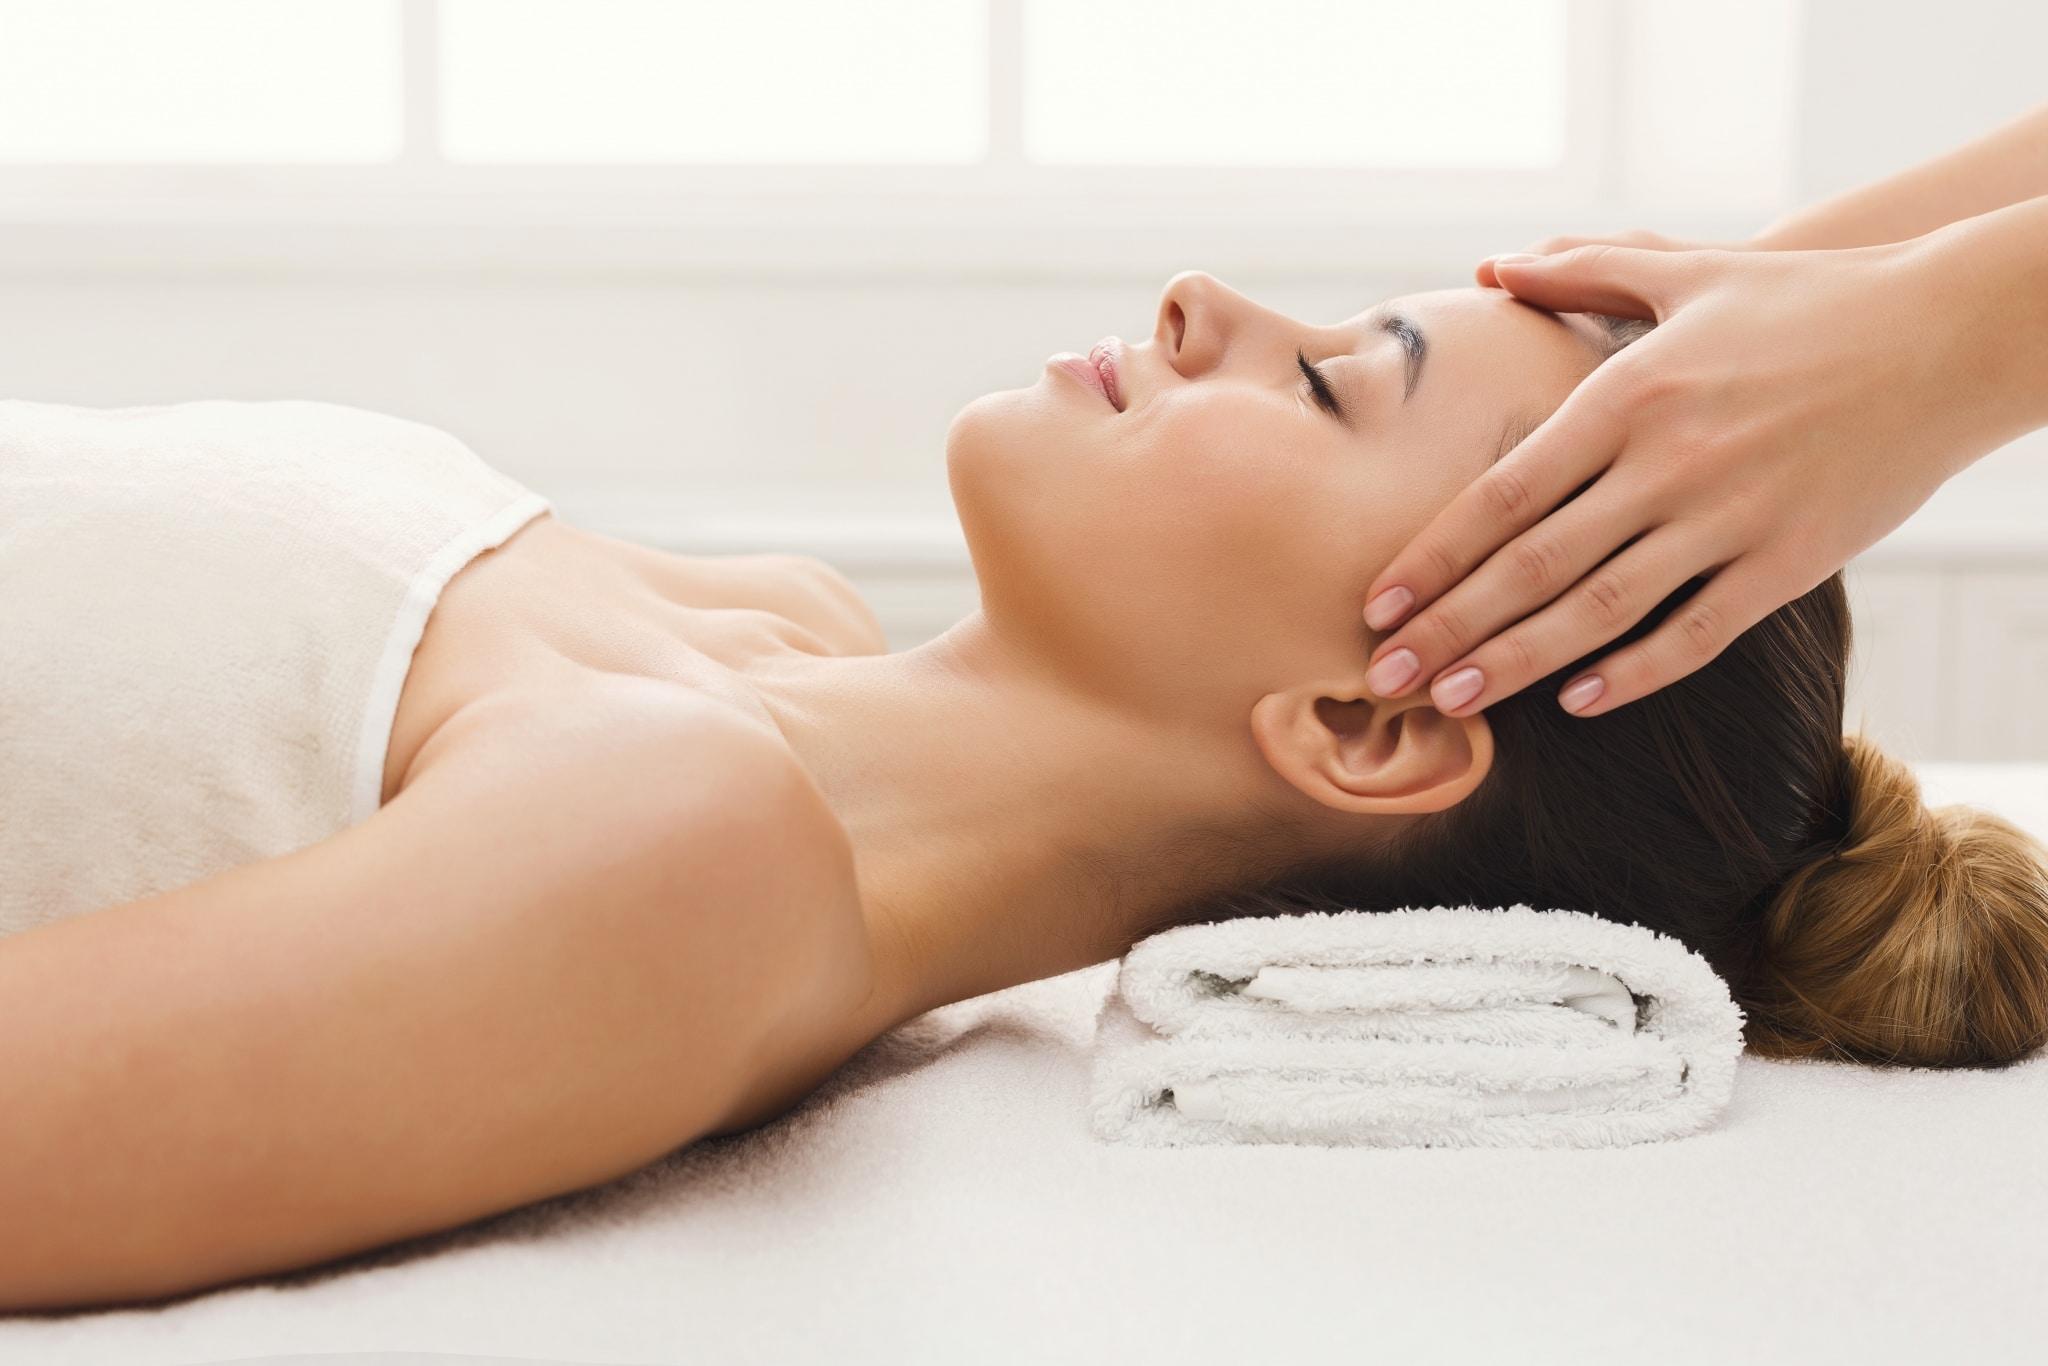 Profilfoto einer Kopfmassage bei einer Frau